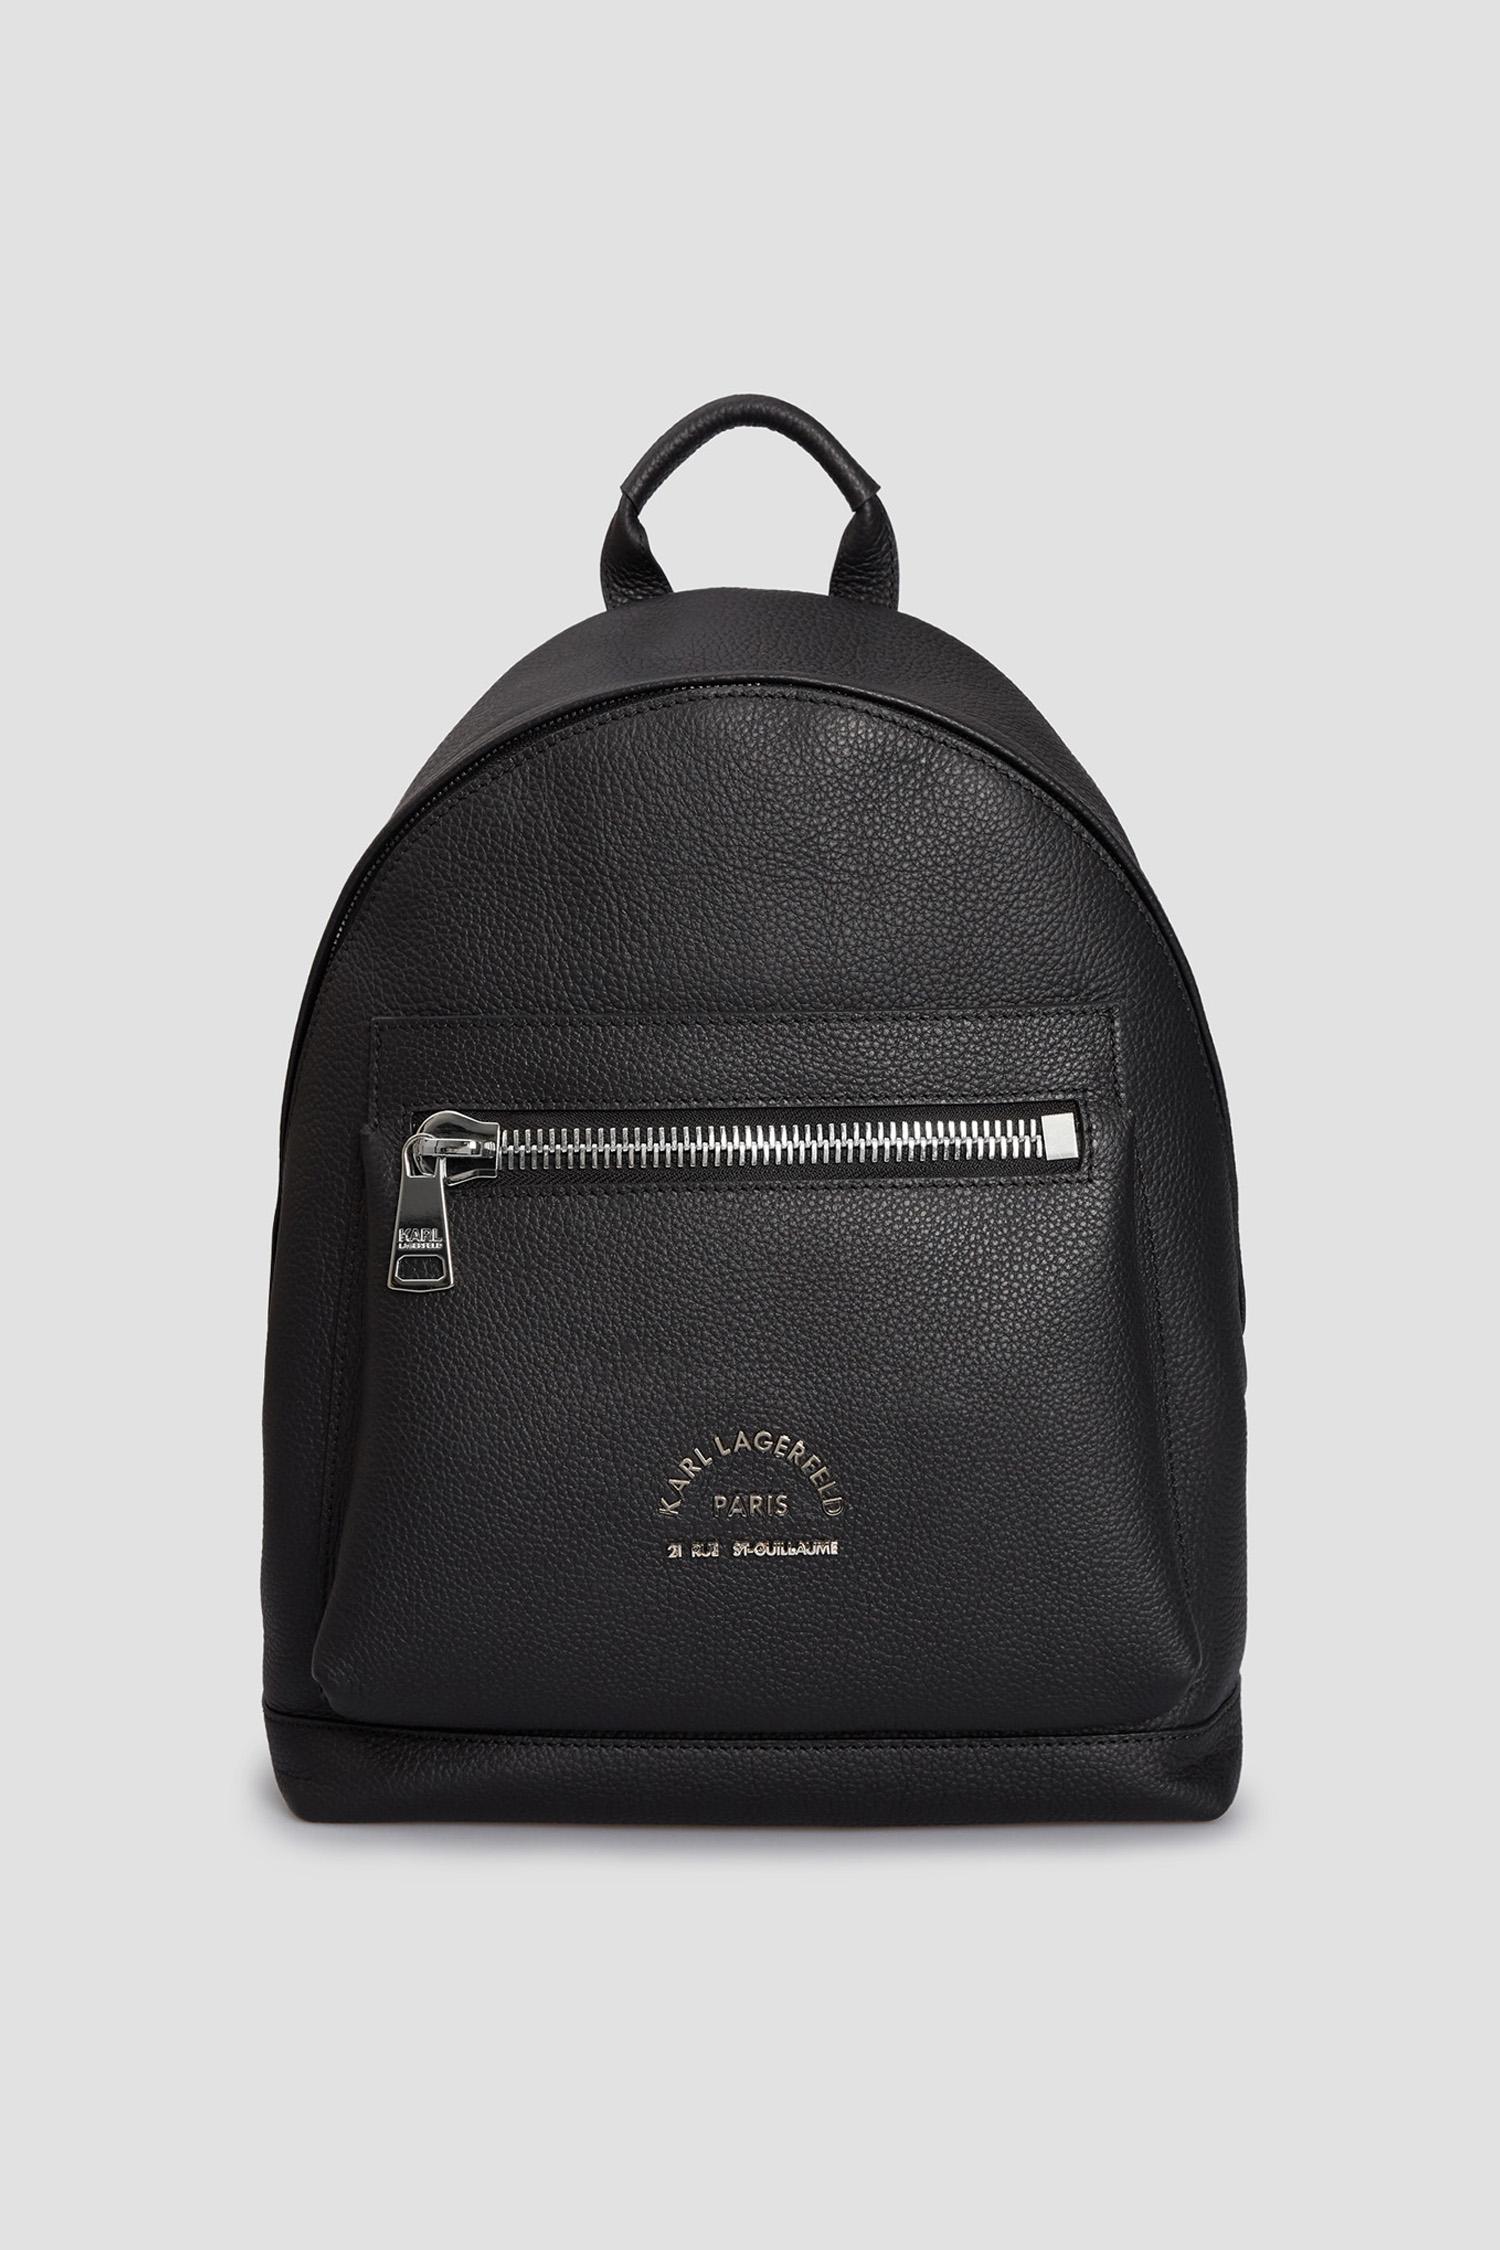 Чоловічий чорний шкіряний рюкзак Karl Lagerfeld 511451.815908;990